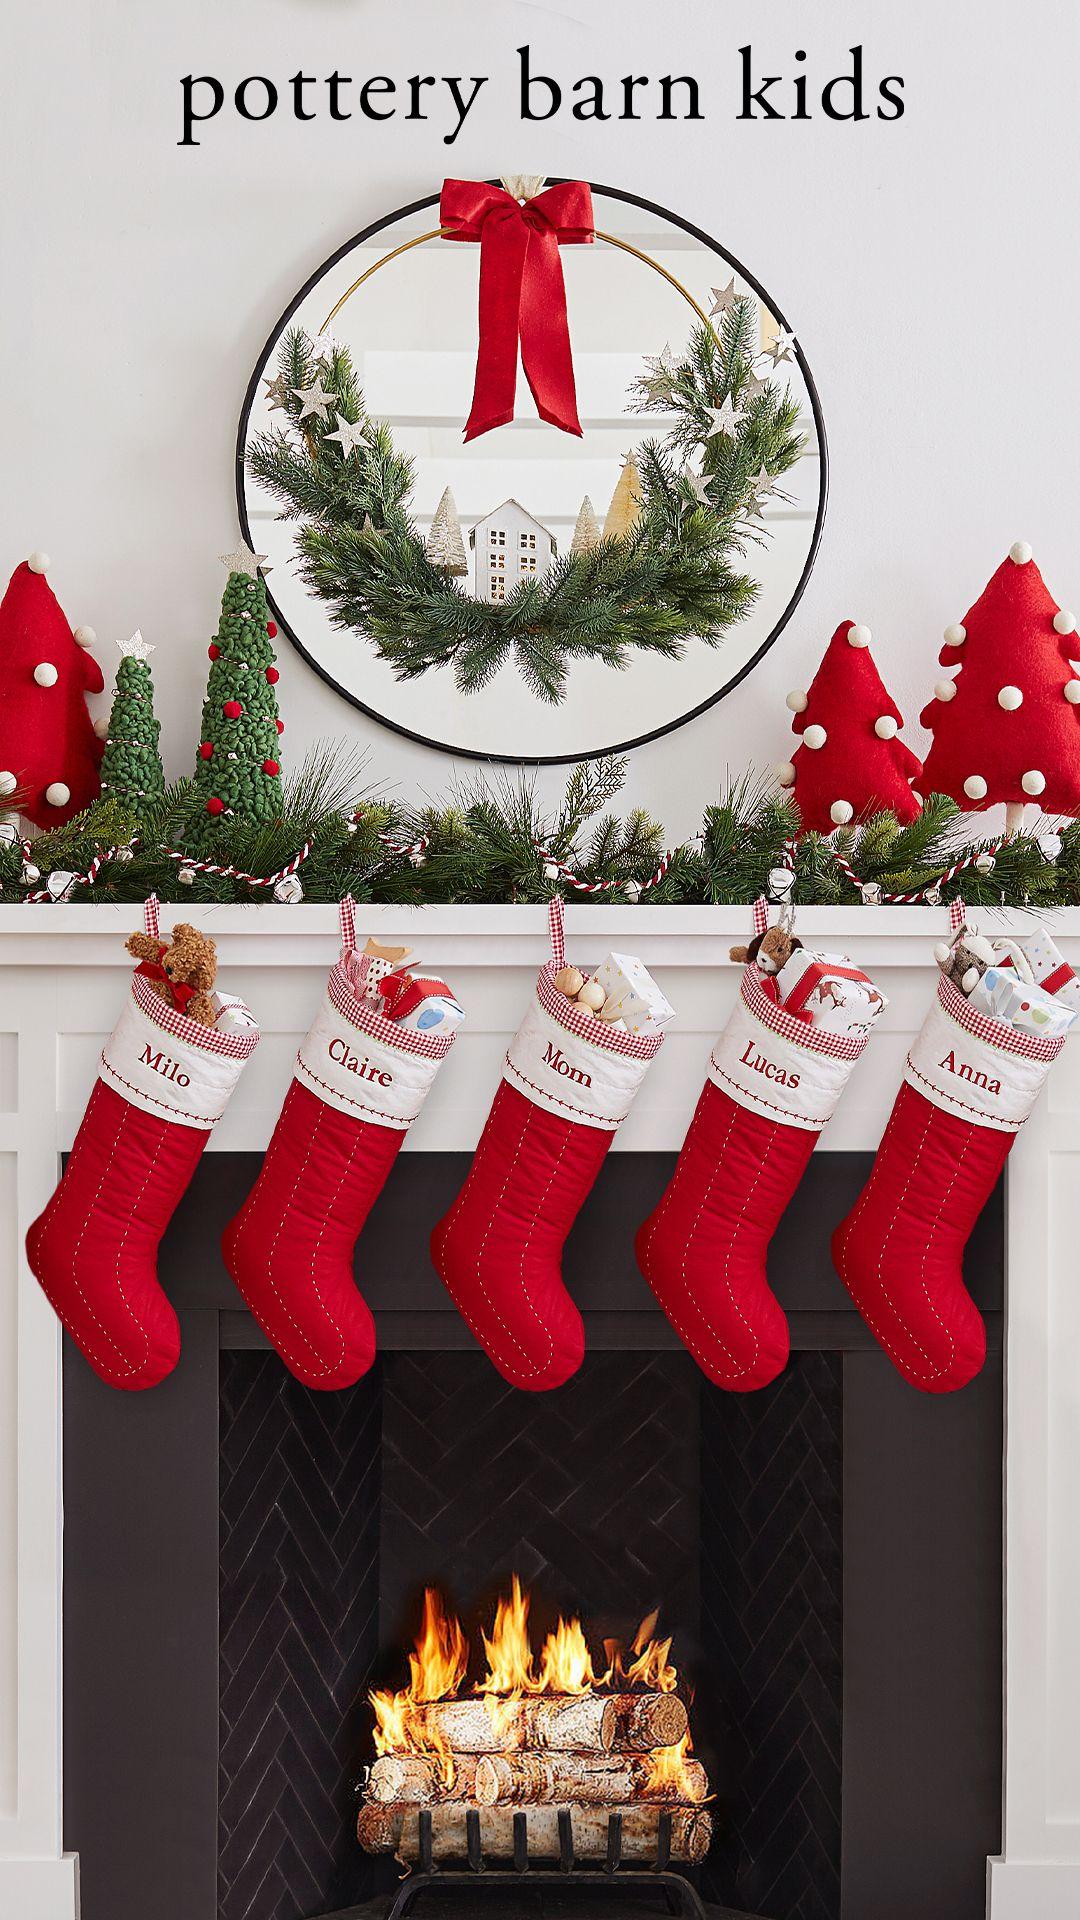 pottery barn christmas mantel on christmas mantel kids christmas stockings christmas stockings holiday stockings pinterest